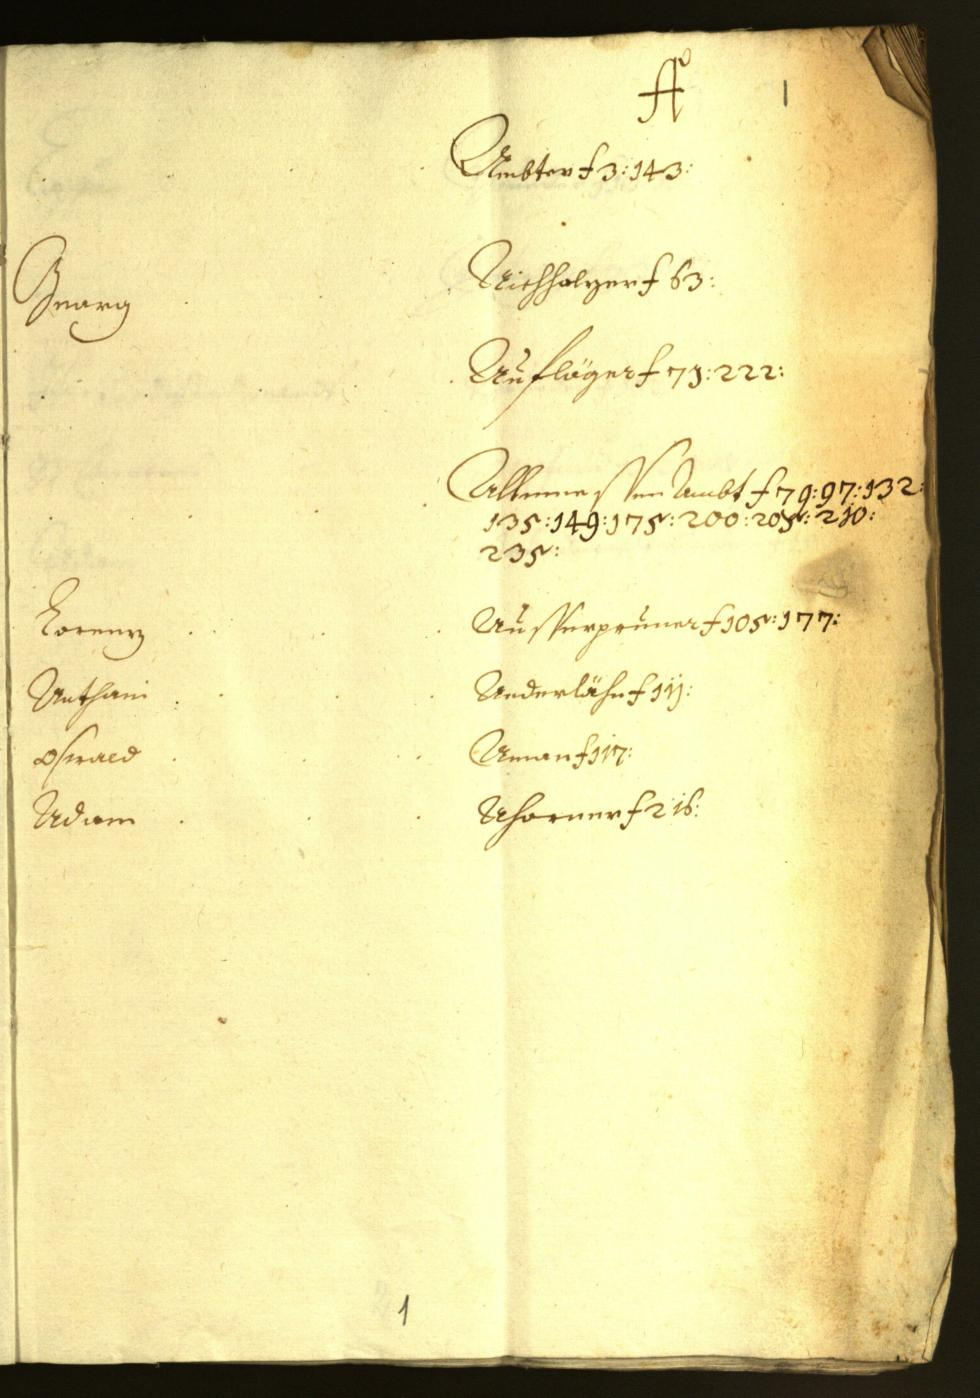 Archivio Storico della Città di Bolzano - BOhisto protocollo consiliare 1653/54